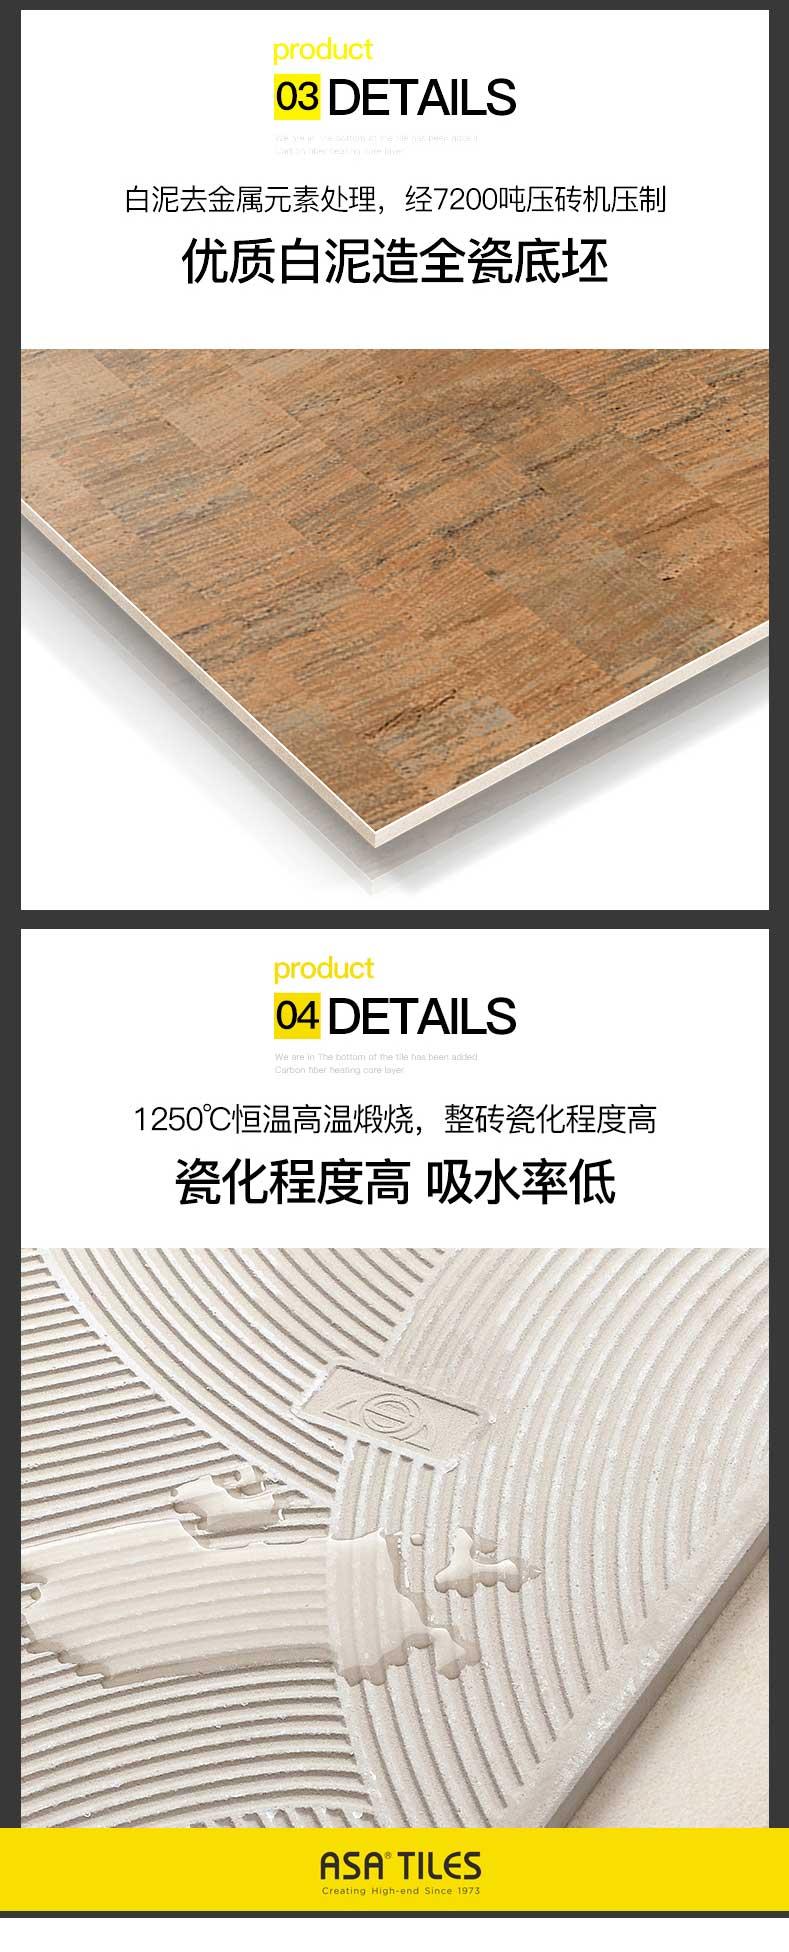 亚细亚瓷砖-仿古砖拉丝木600x600_06.jpg